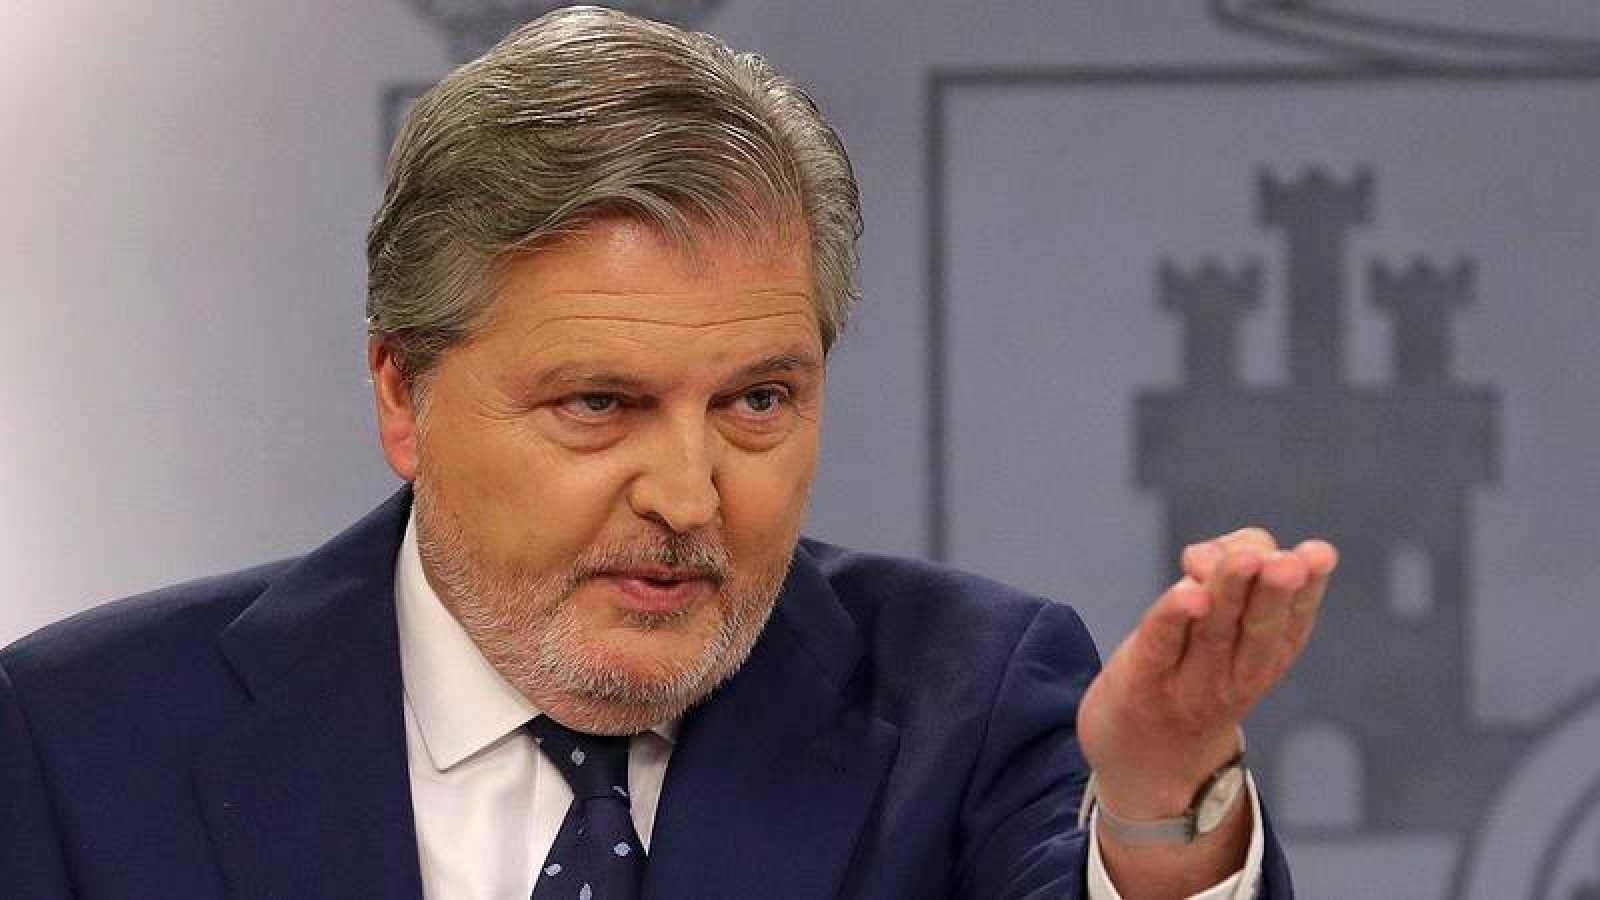 El portavoz del Gobierno acata la sentencia de la amnistía y confirma el apoyo a Montoro